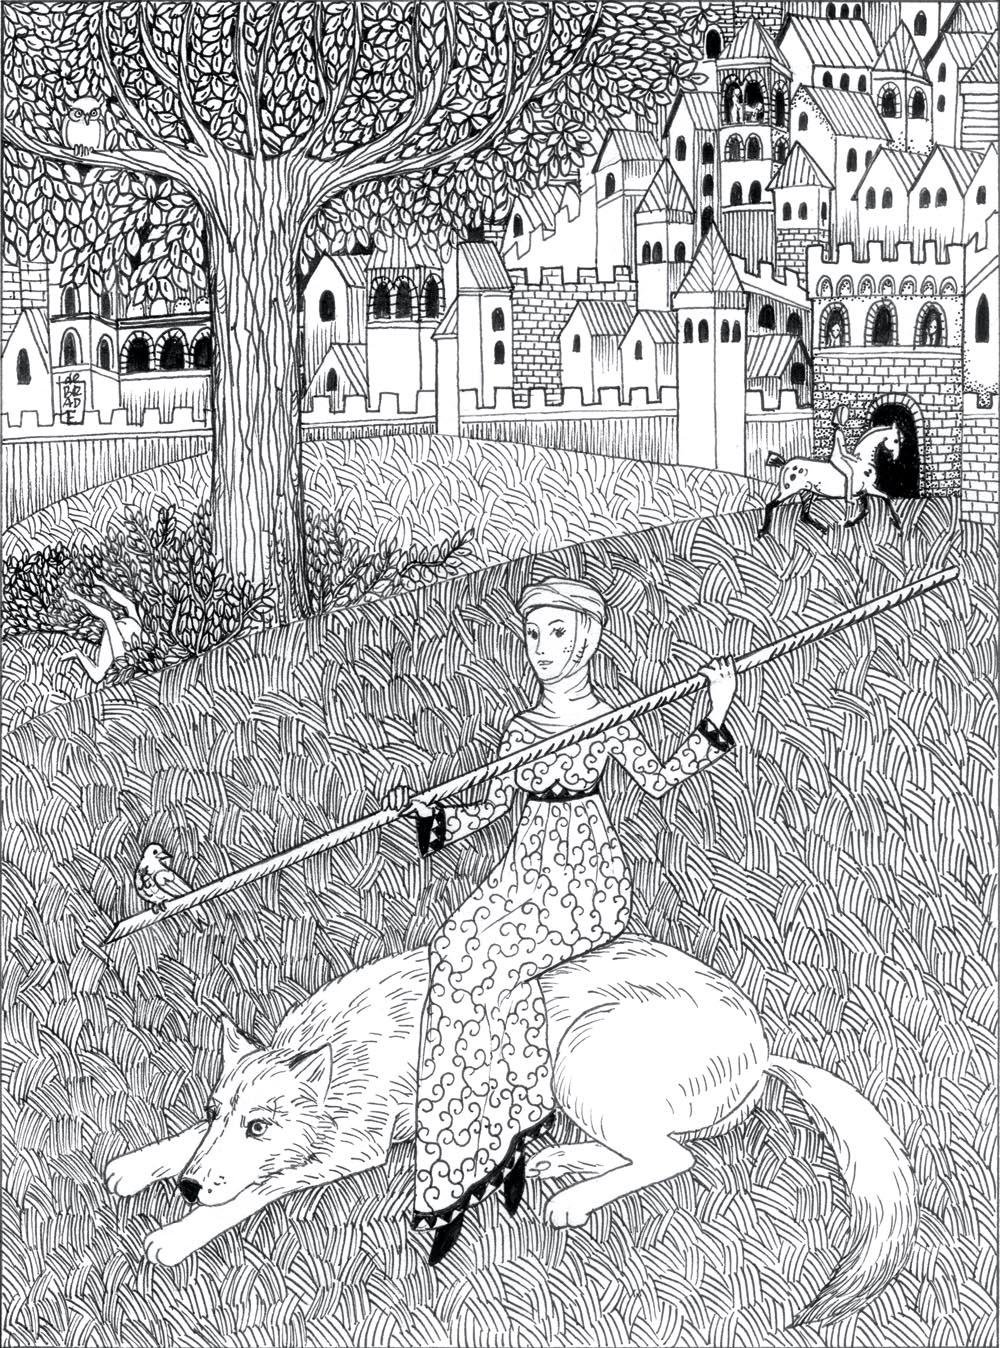 Malwina de Brade, Bez tytułu, tusz na papierze, 22,5 x 16,5 cm